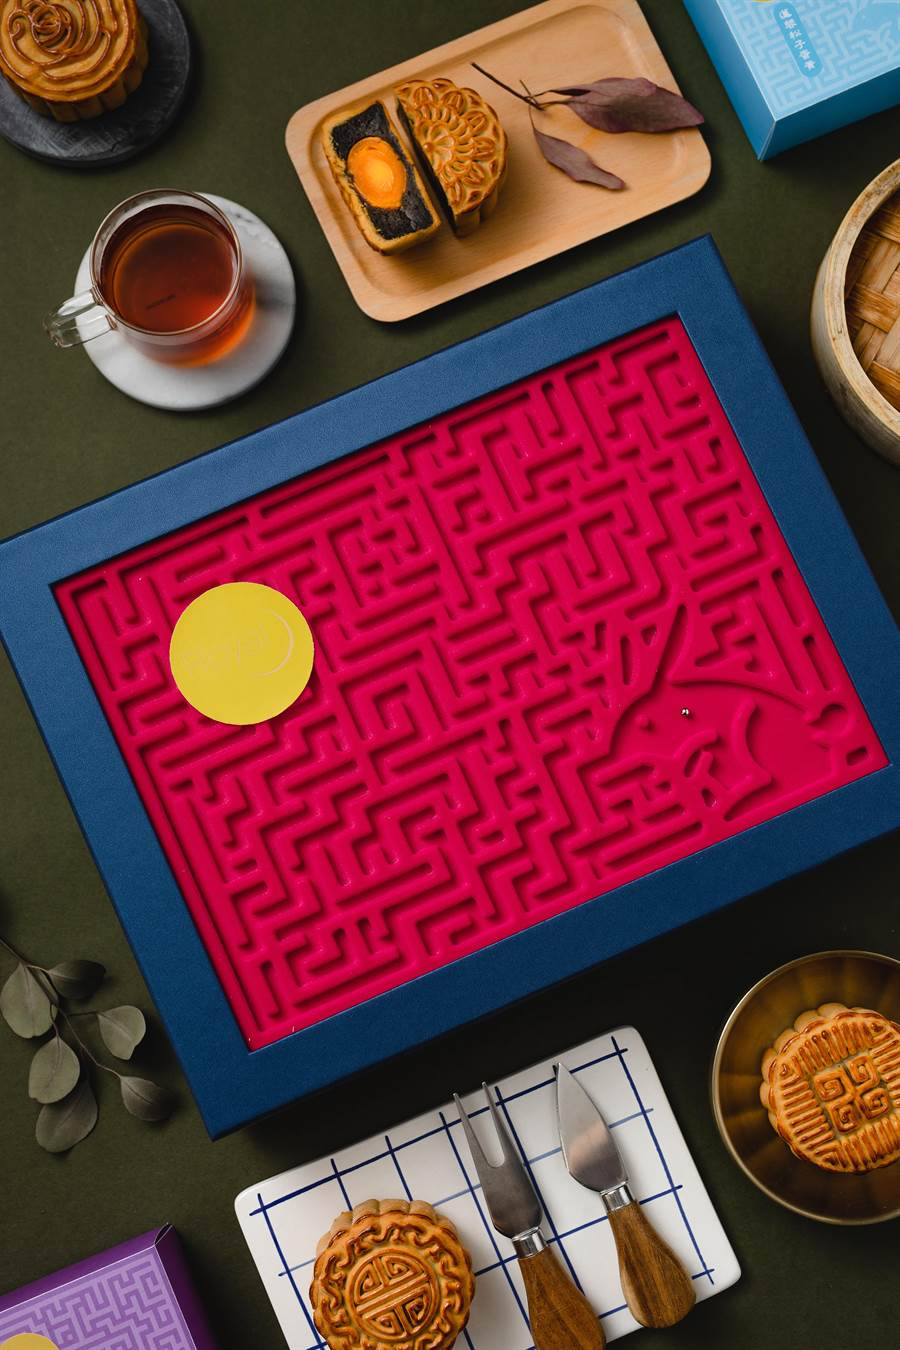 老爺酒店集團今年的中秋禮盒標榜「可以玩」的迷宮設計,圖為內有6種口味月餅的〈玉兔迷宮〉禮盒。(圖/老爺酒店集團)